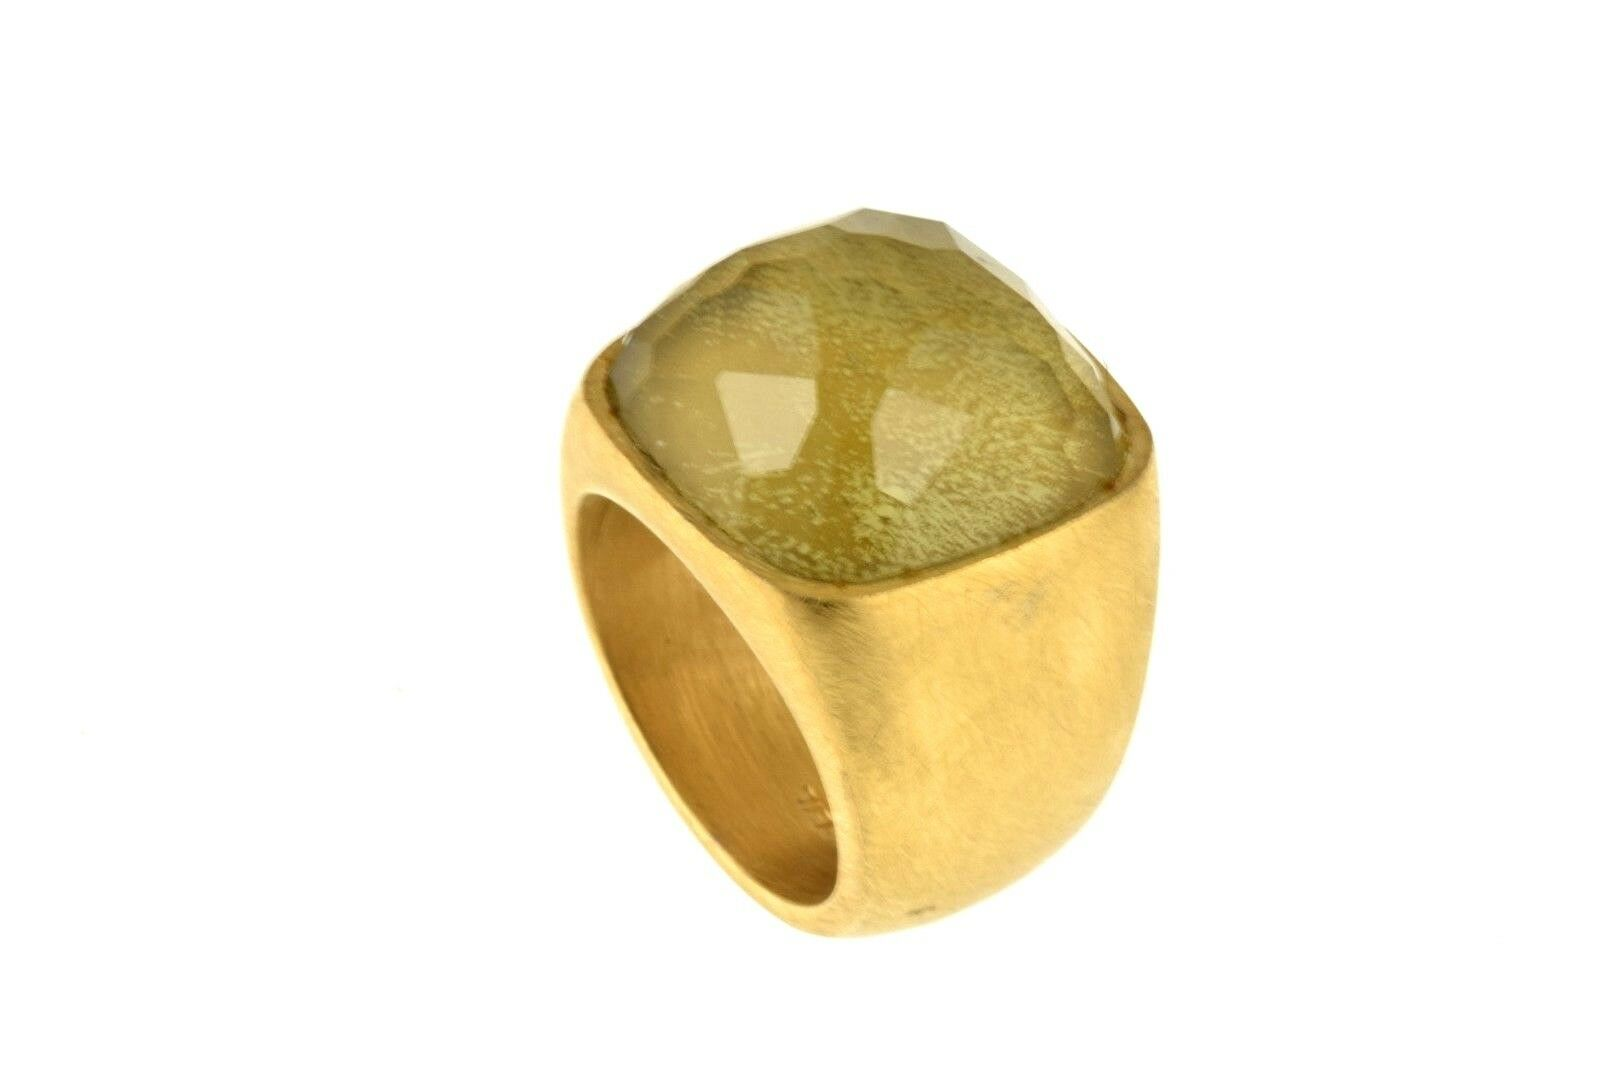 Anello Breil in acciaio satinato placcato in gold -BJ0477 - Misura 13